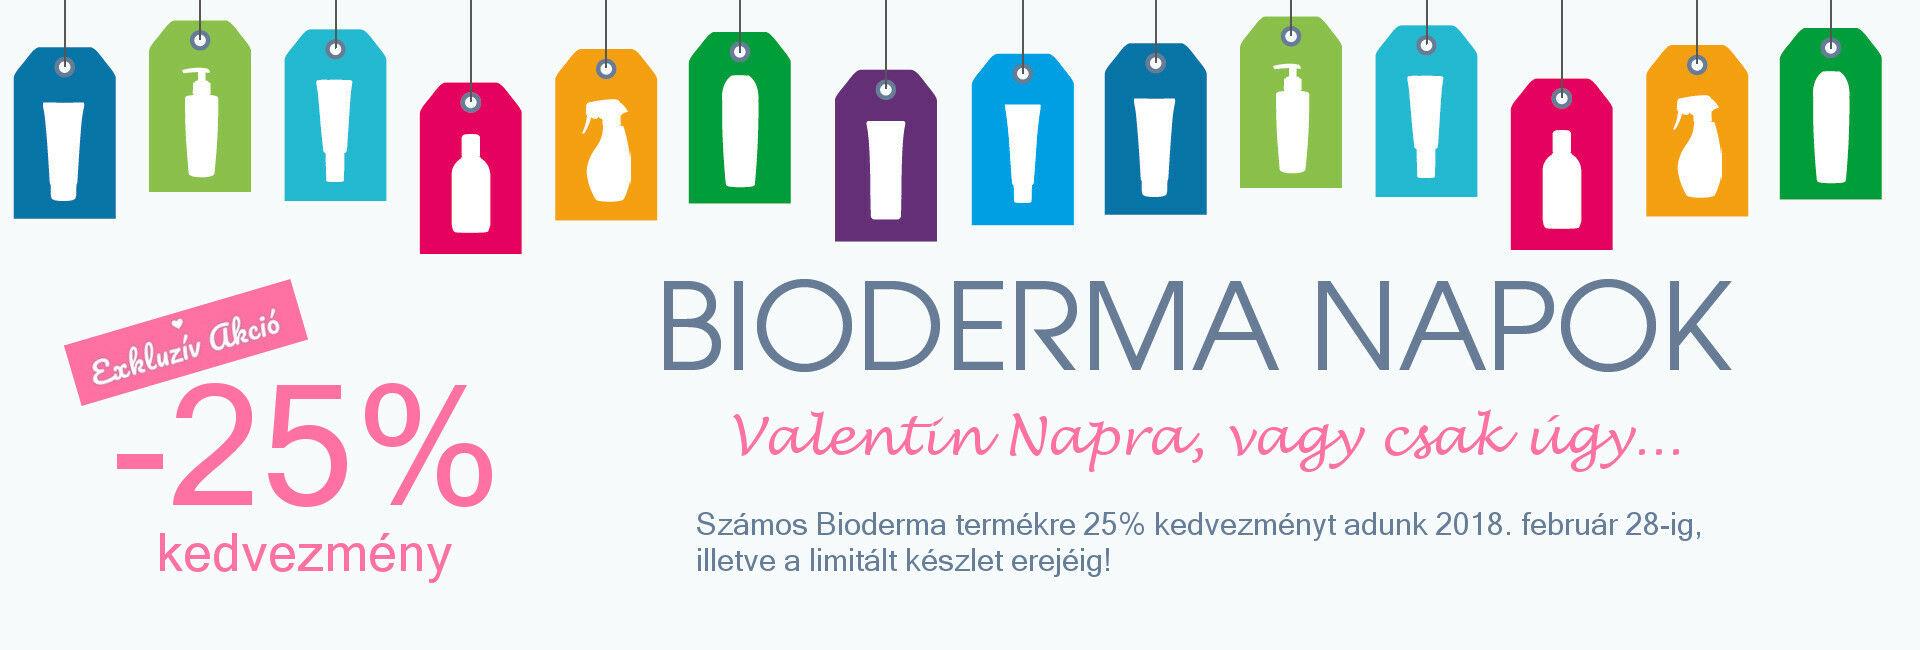 Valentin Napi exkluzív akció: 2018. február 28-ig számos Bioderma terméket 25% kedvezménnyel kínálunk!